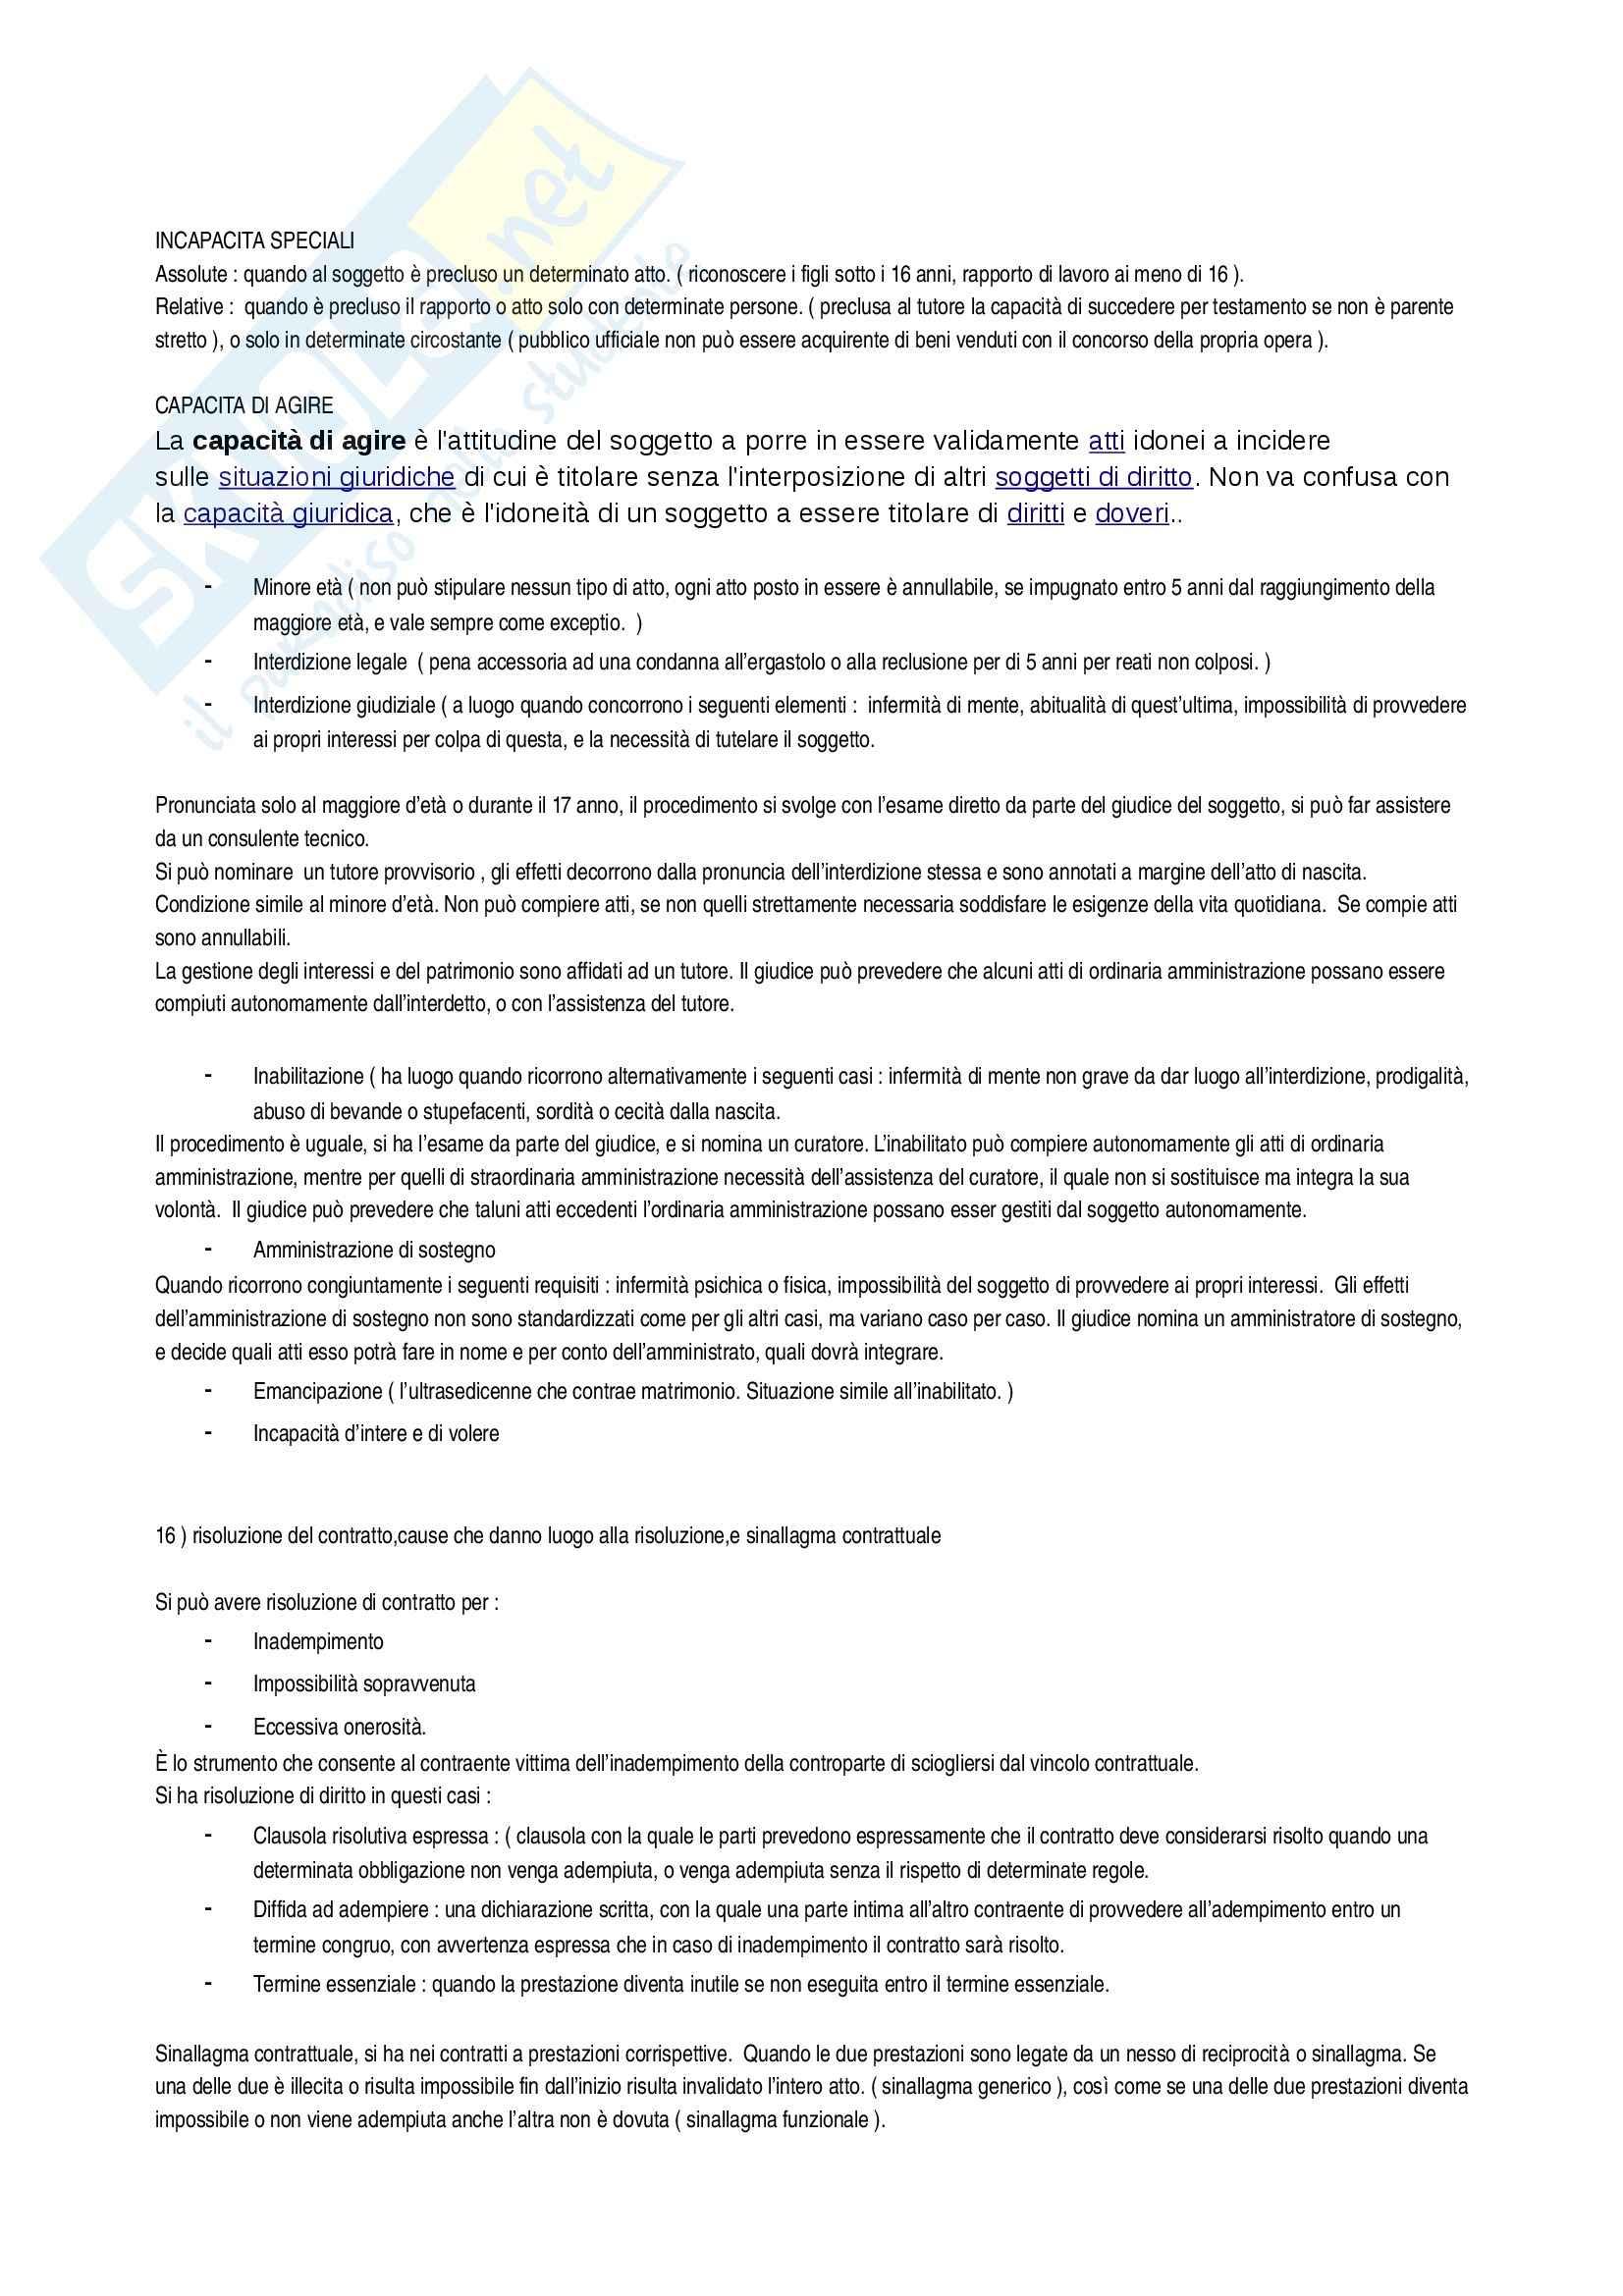 Diritto privato - domande e risposte Pag. 6